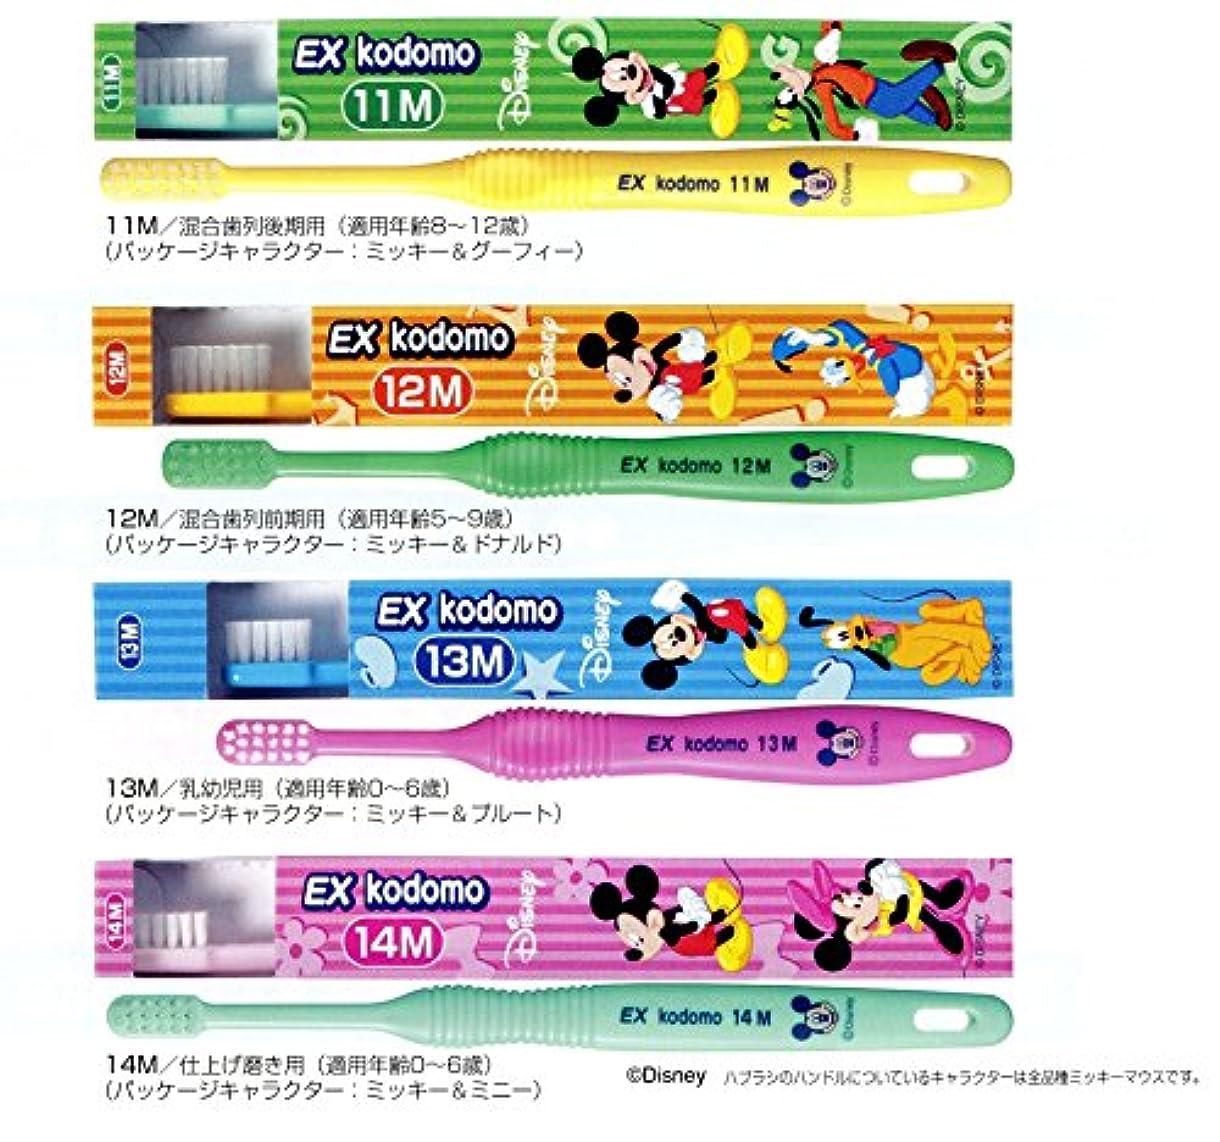 知覚的極貧天気ライオン コドモ ディズニー DENT.EX kodomo Disney 1本 11M ピンク (8?12歳)